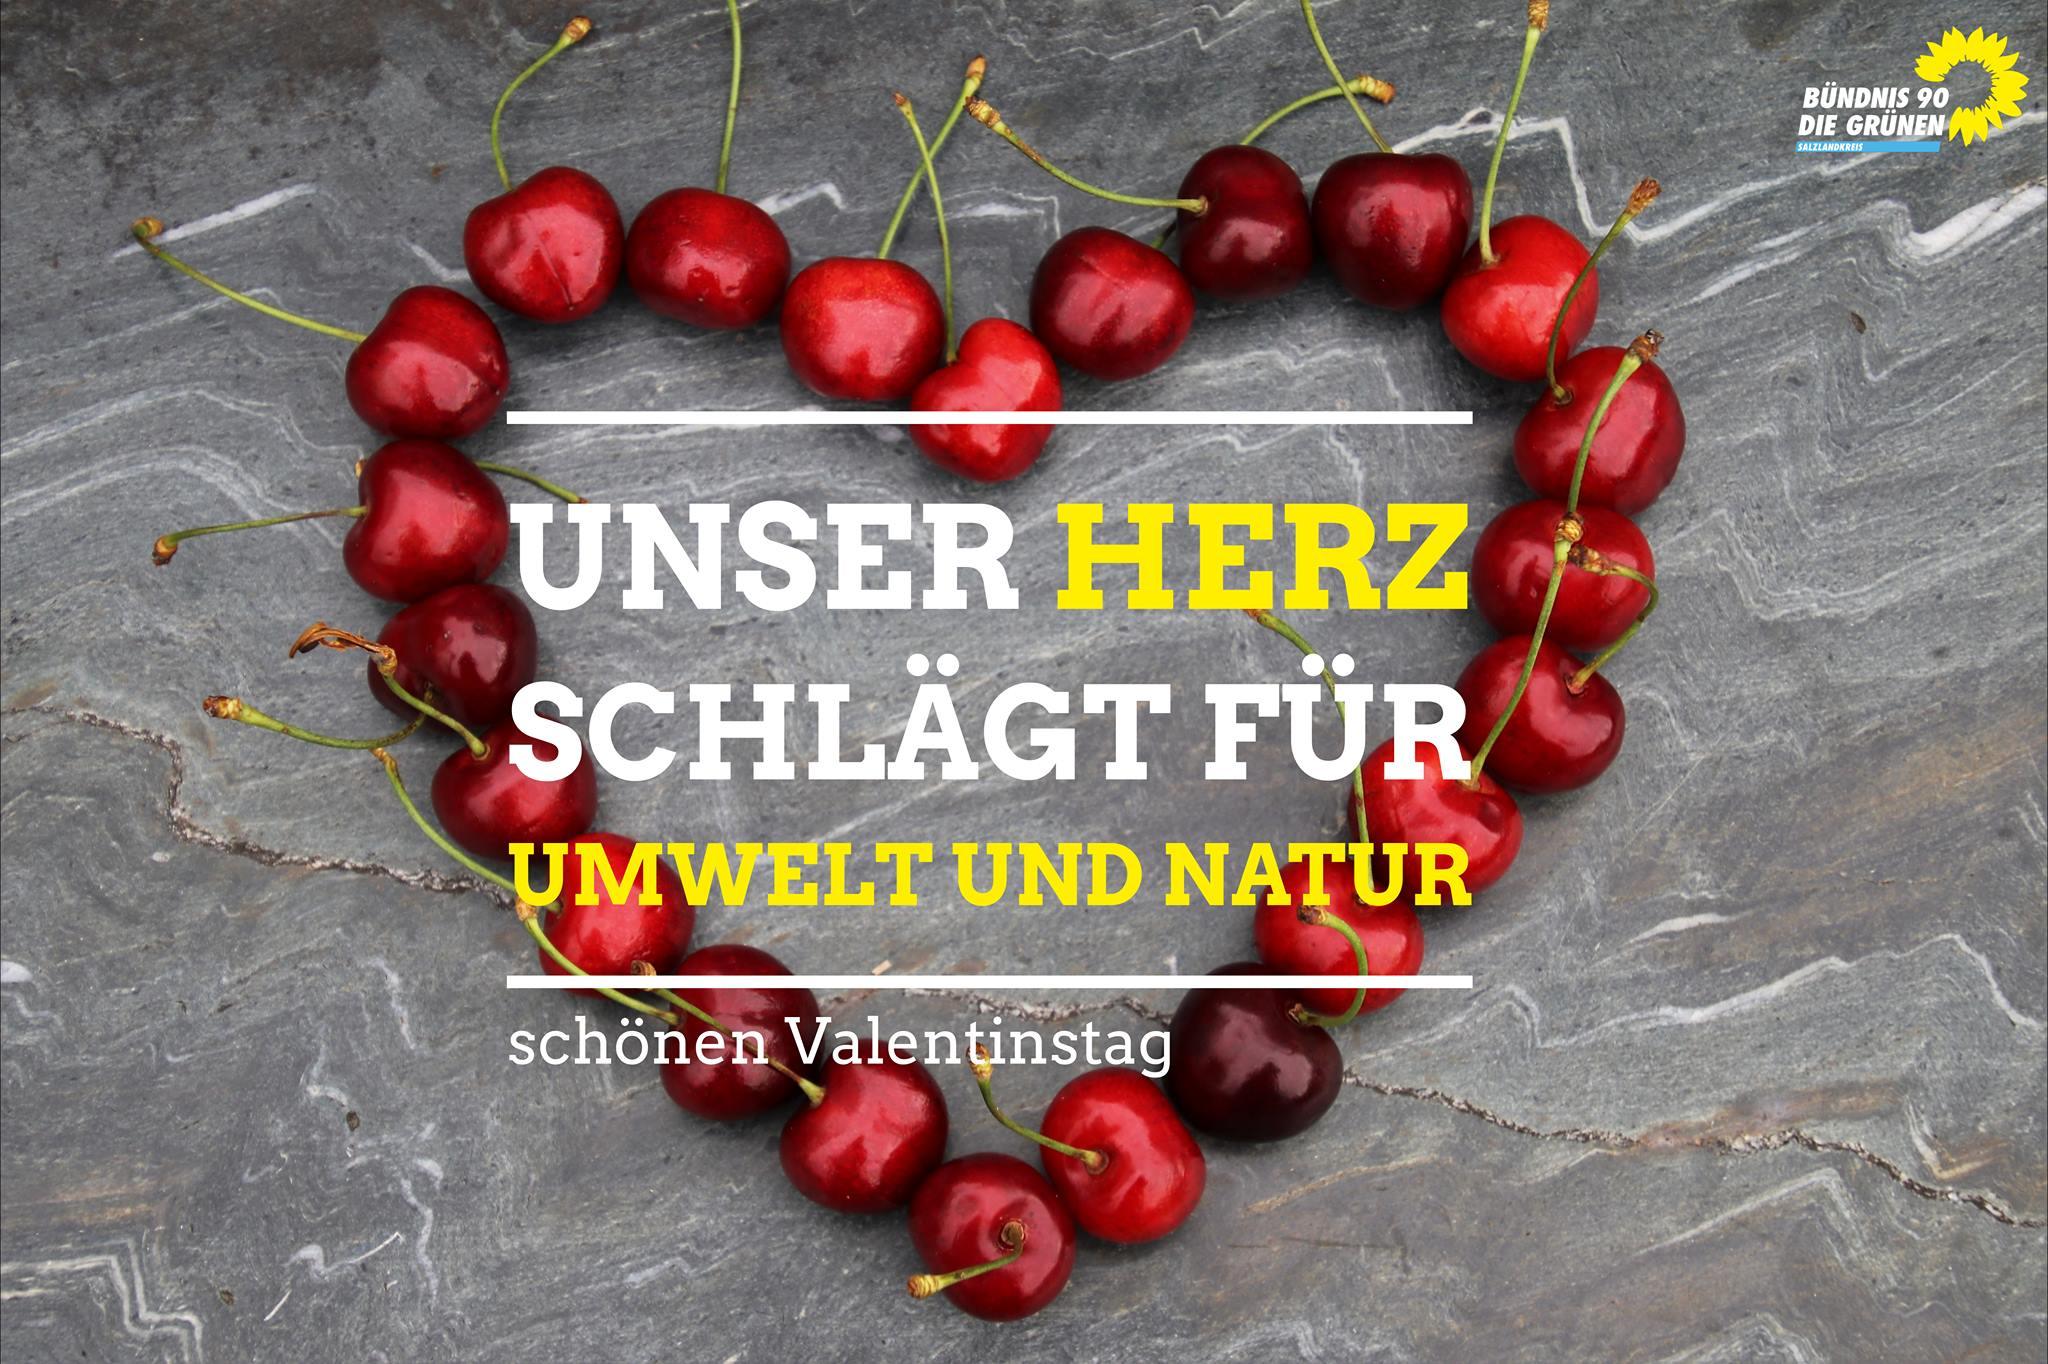 Unser Herz schlägt für die Umwelt und Natur.